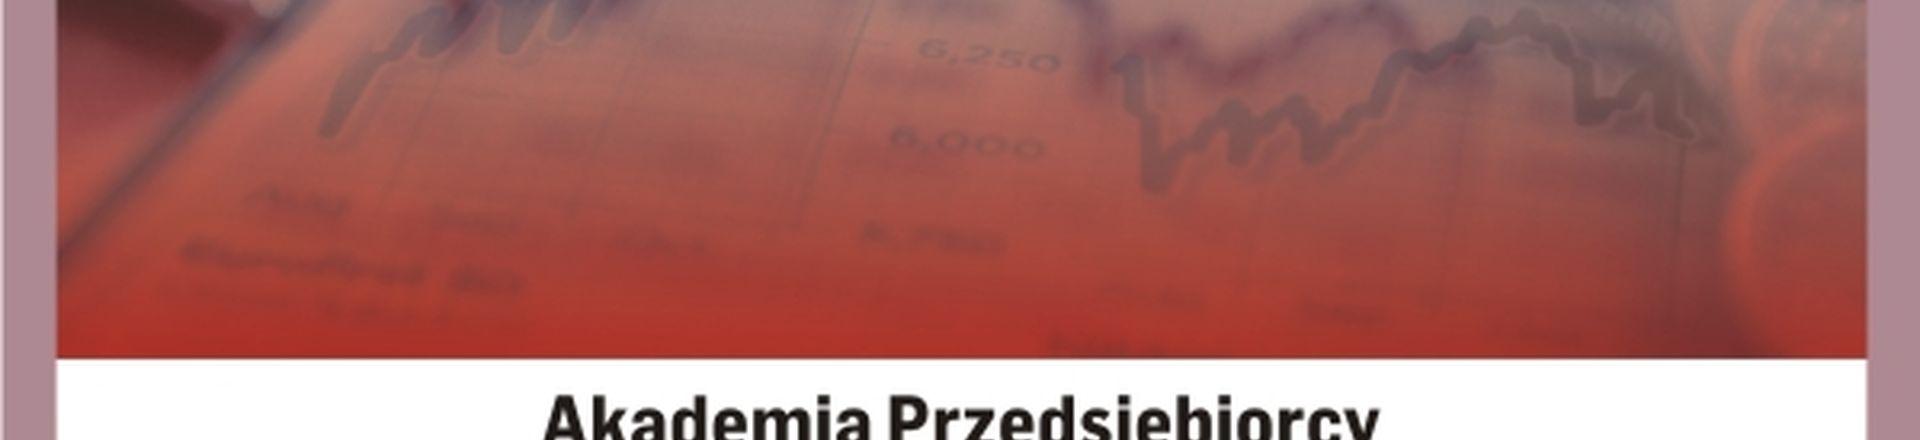 Cykl Akademia Przedsiębiorcy: Kapitał i bezpieczeństwo Twojej firmy - Poznań